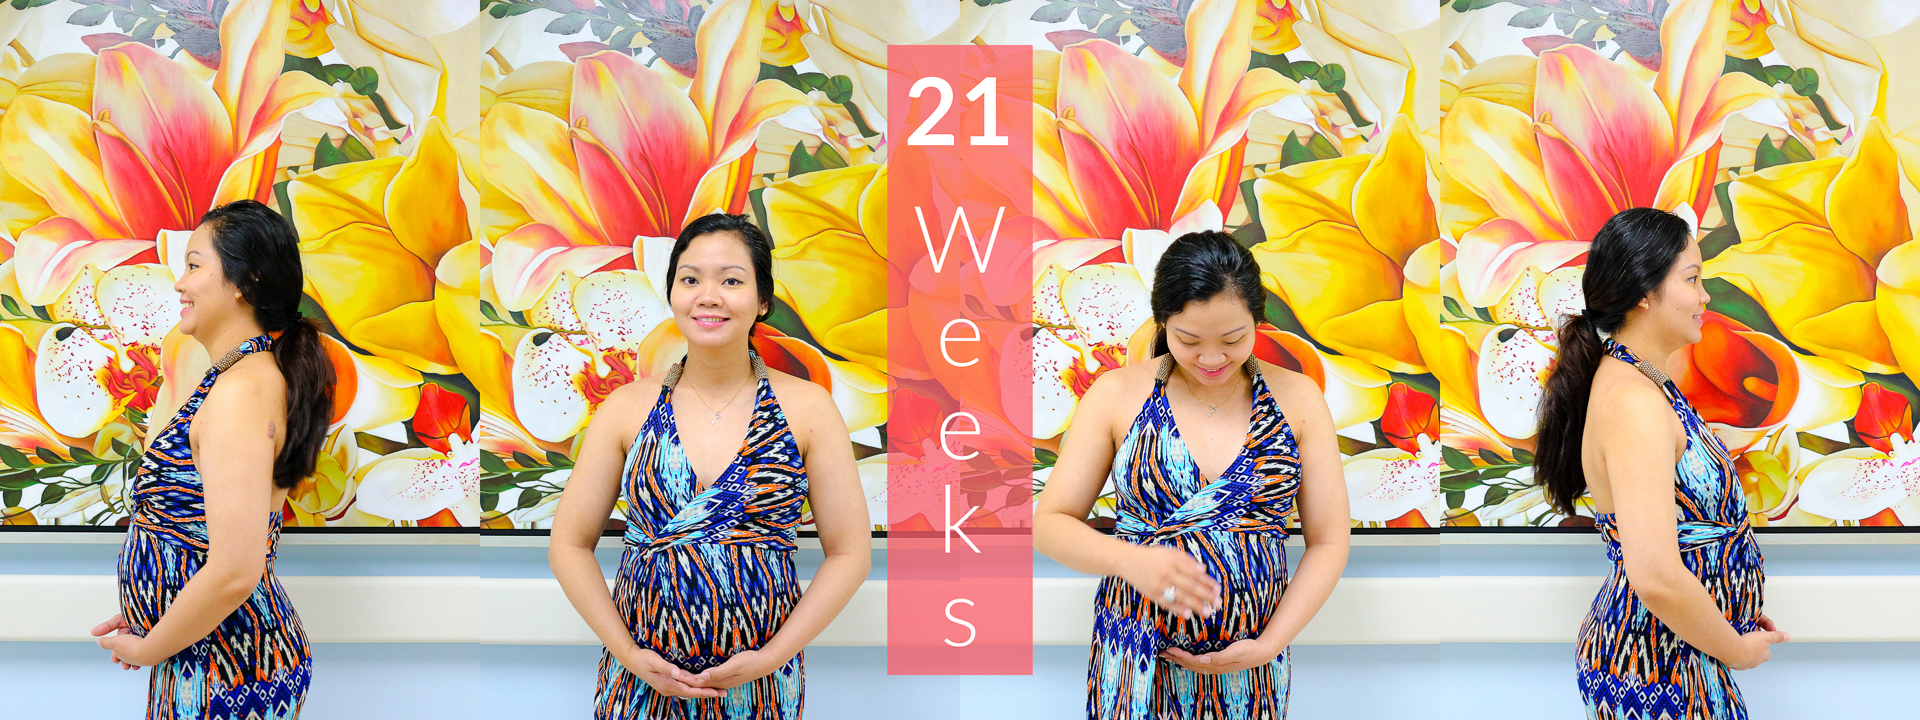 Pregnancy Diary: 21 Weeks